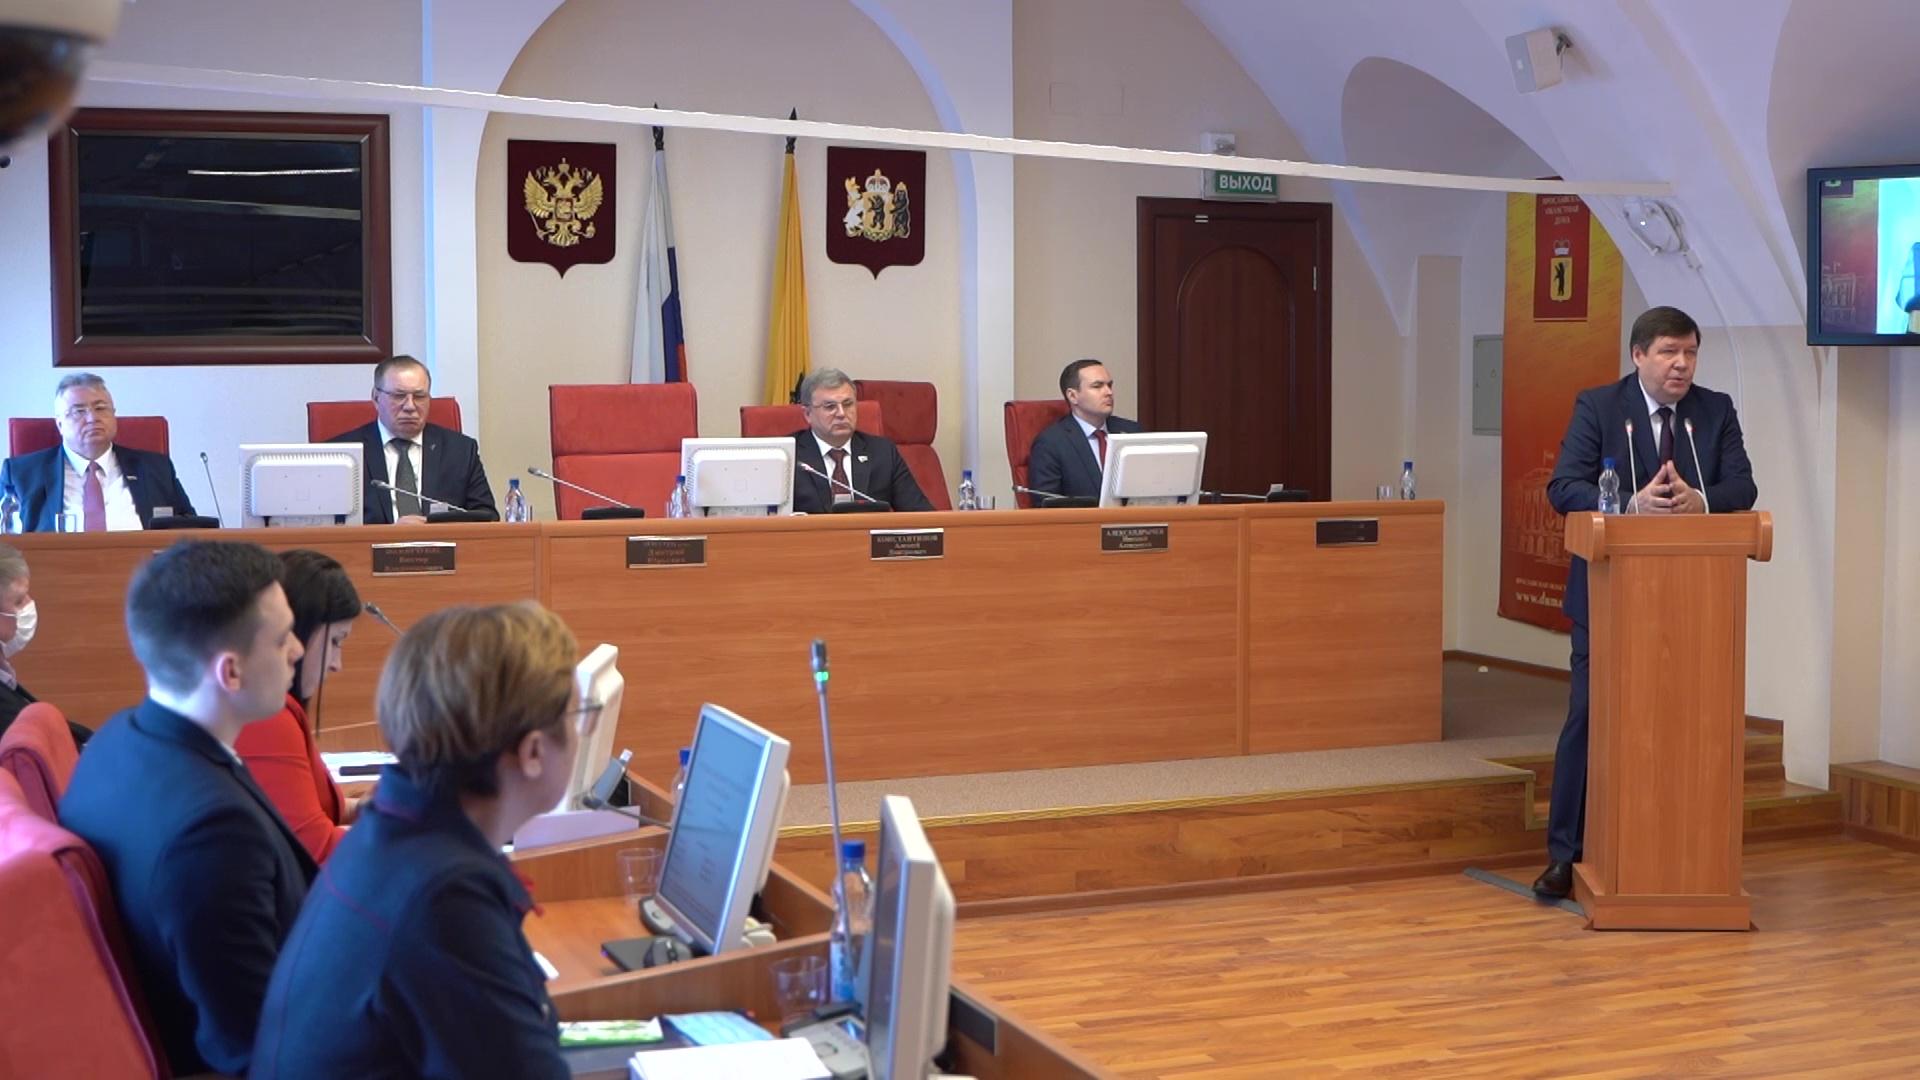 Областные депутаты поддержали запрет продажи снюсов несовершеннолетним